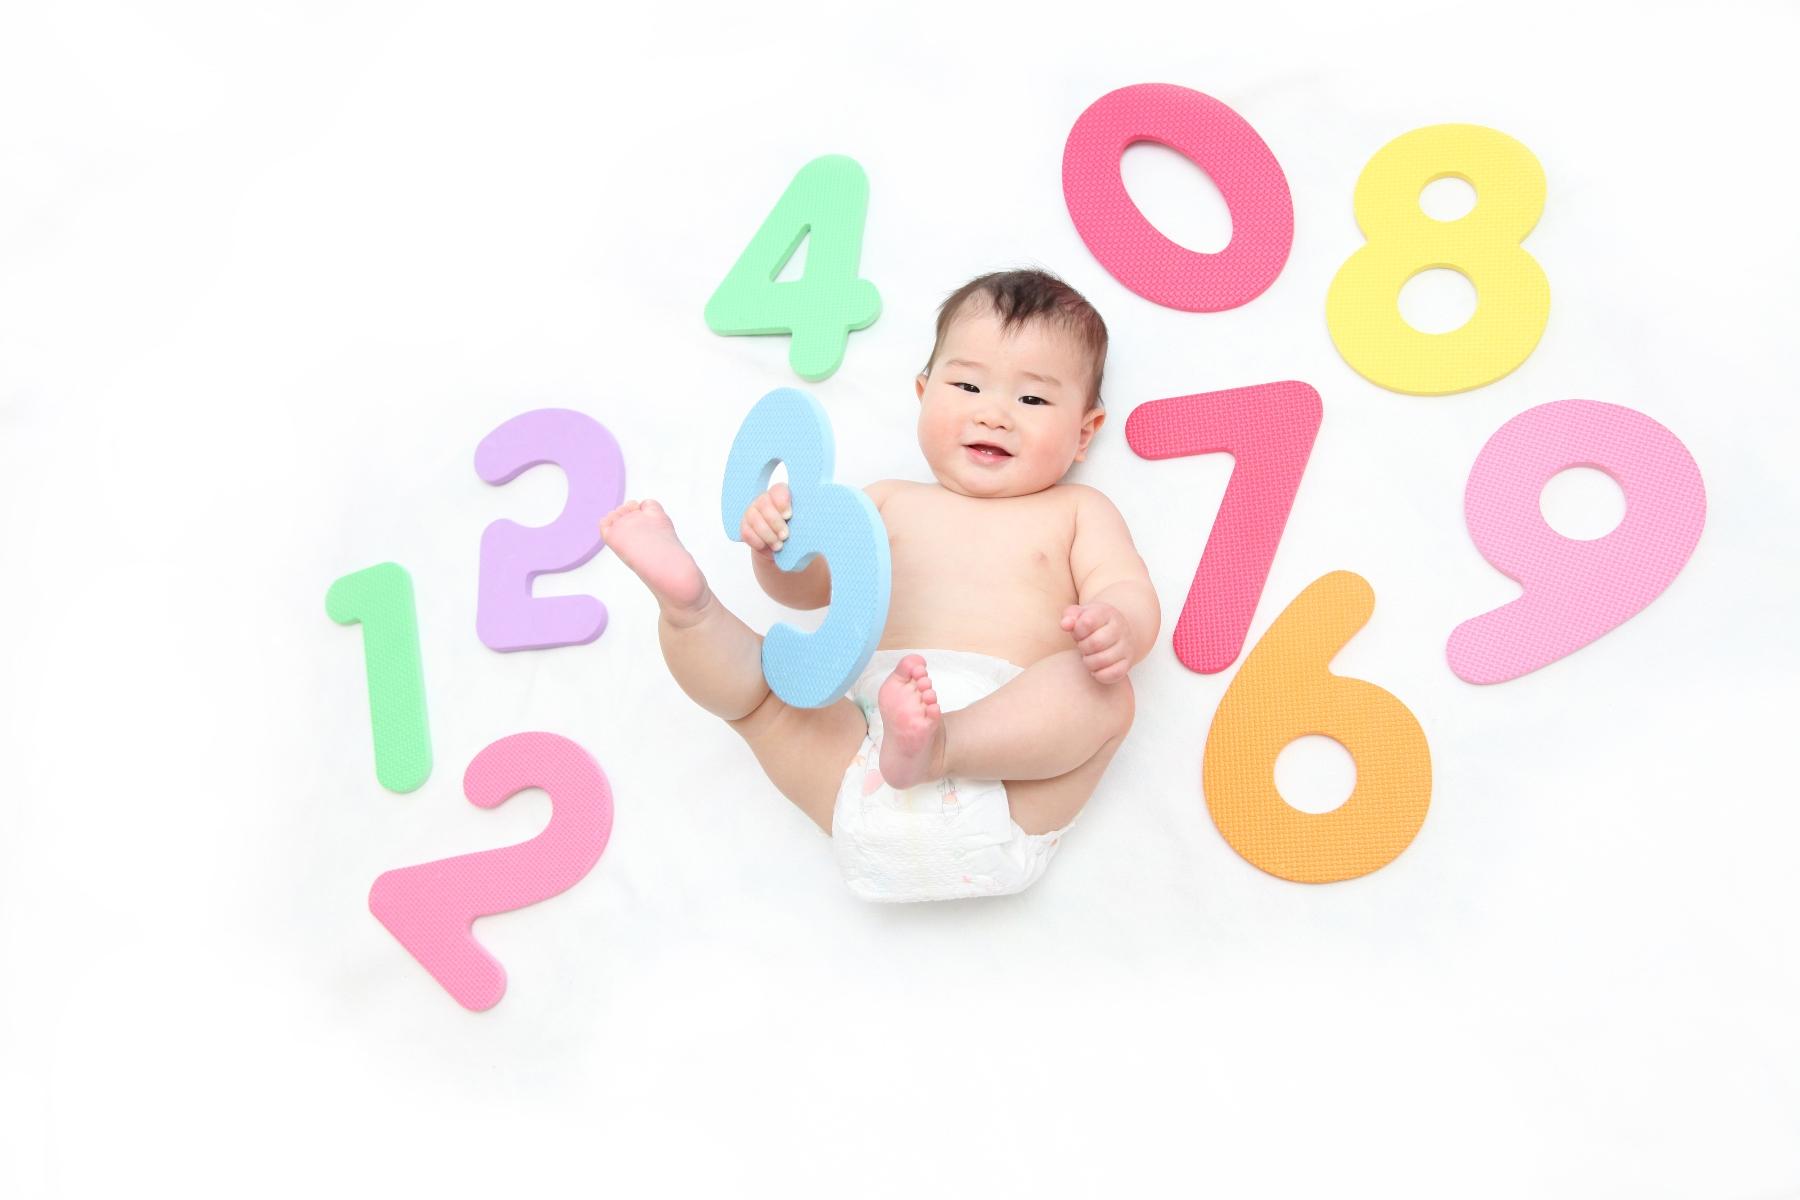 【1歳・2歳】家庭で簡単にできる、初めての数の勉強! ~幼児期に子供が数を好きになる教え方~